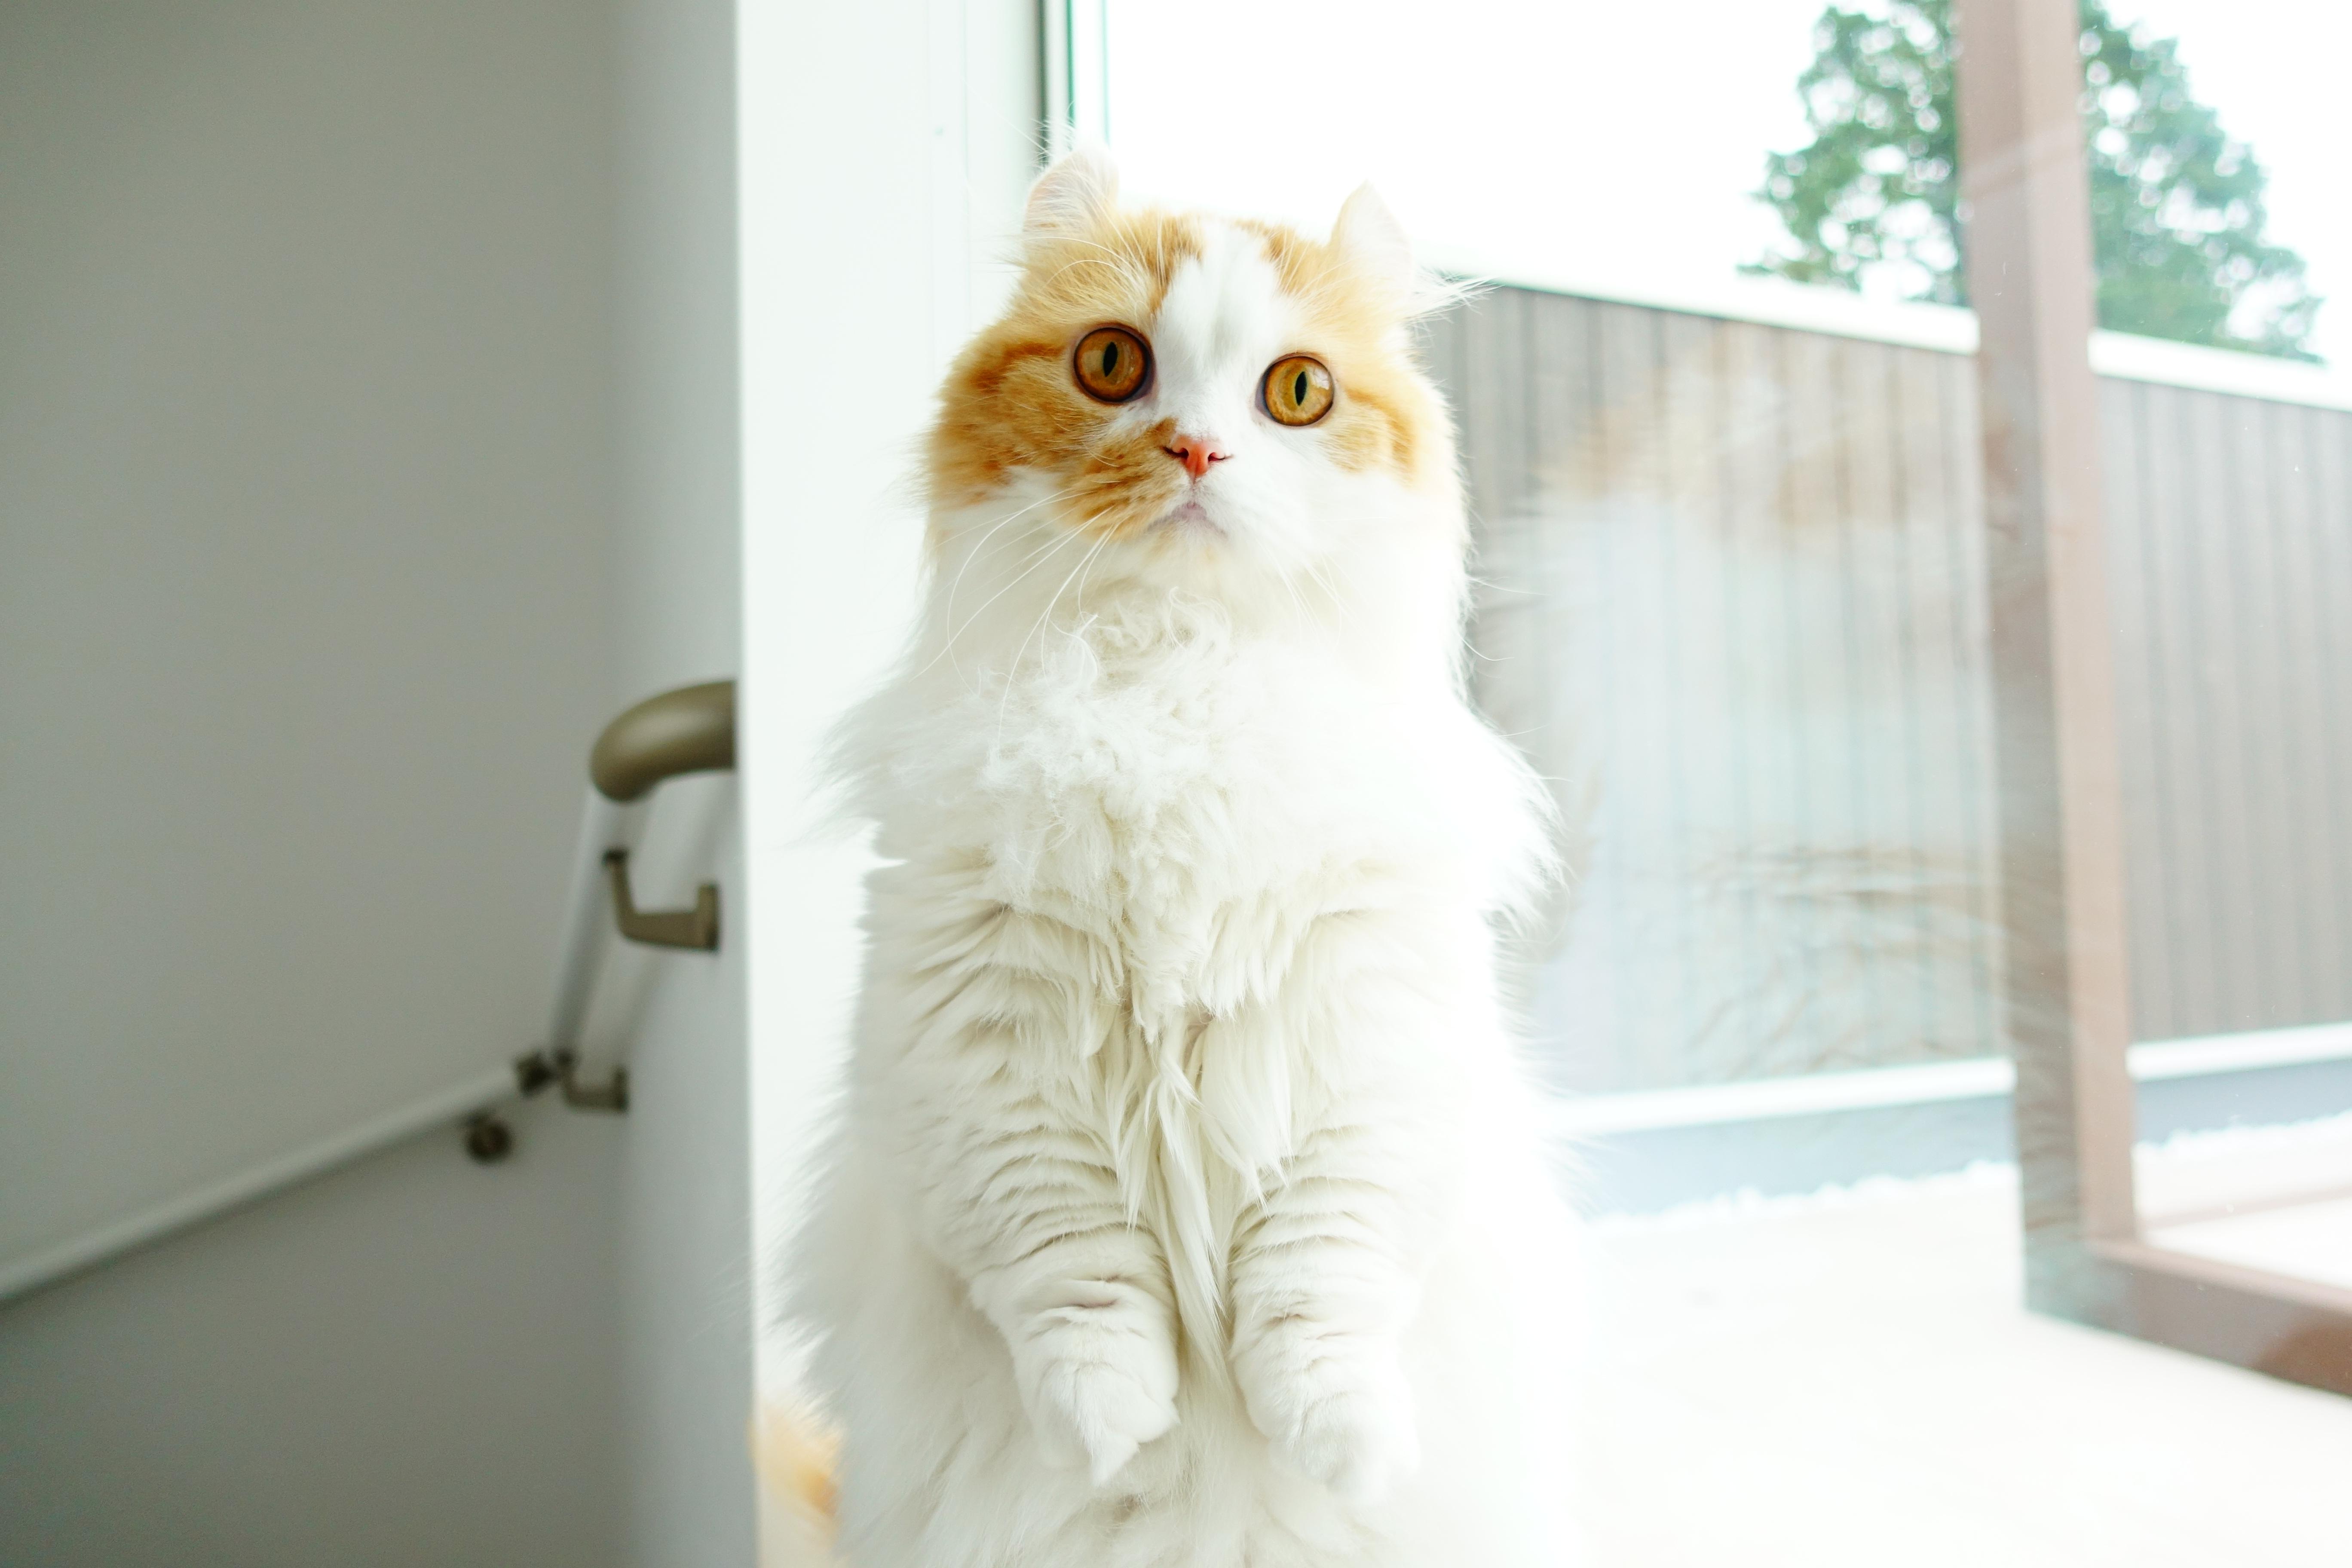 【猫の種類:キンカロー(別名マンチカール)】マンチカンの短足手足とカール耳